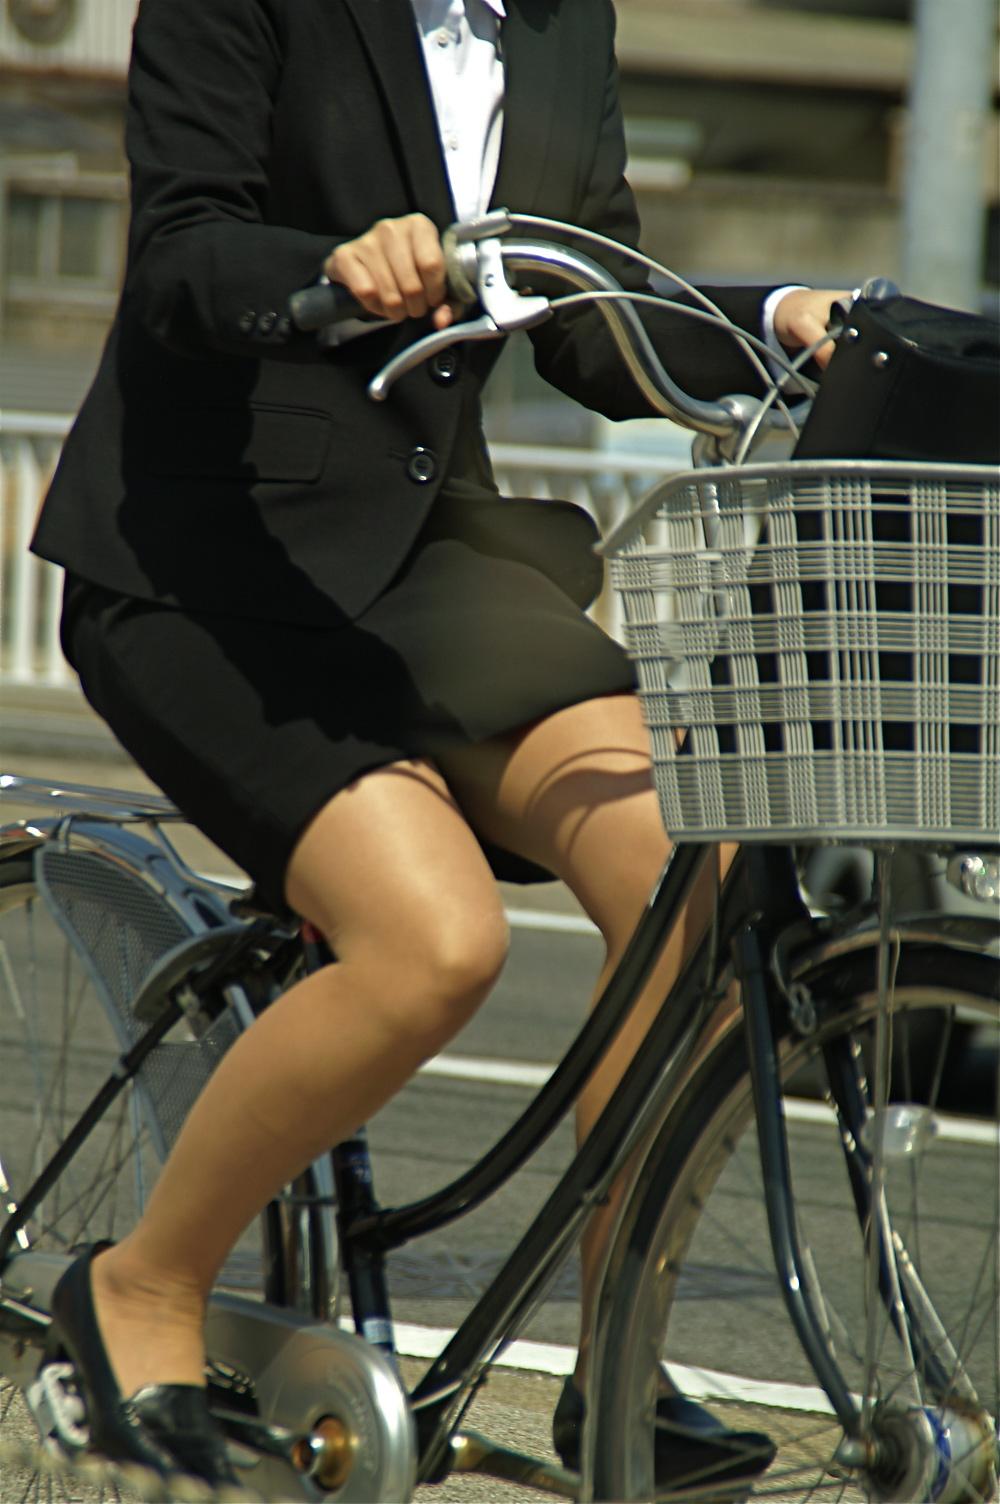 OLのたくし上りタイトスカートリクスー自転車エロ画像6枚目